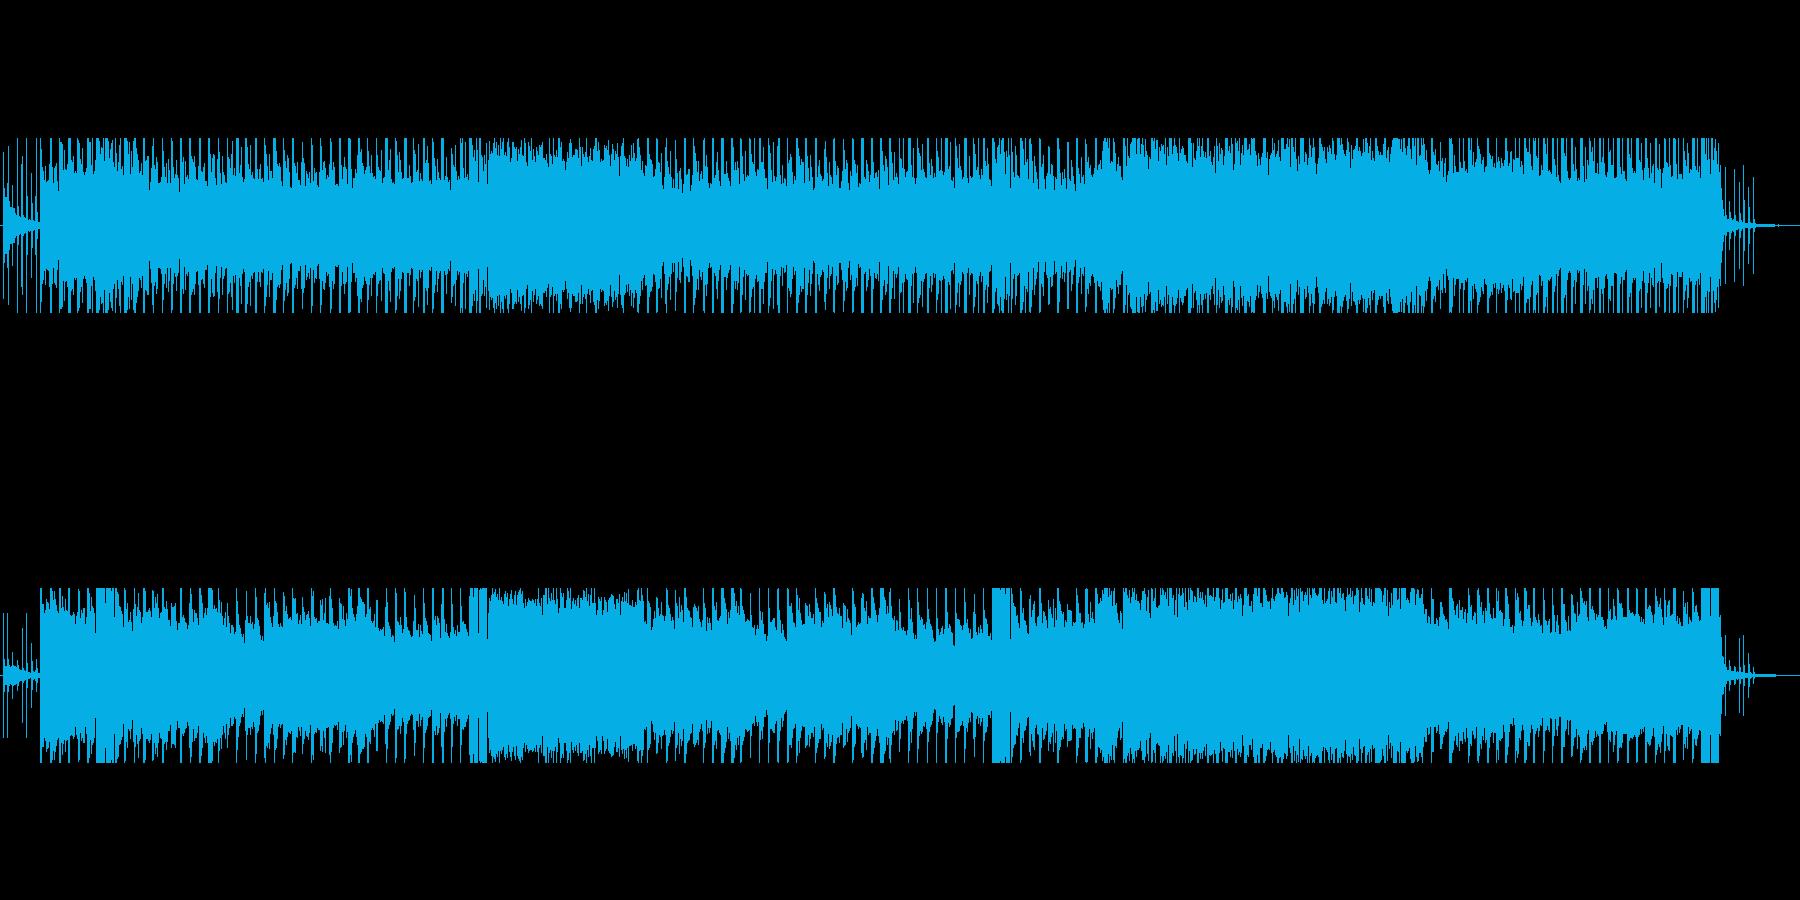 ダークファンタジーでスチームパンクな曲の再生済みの波形